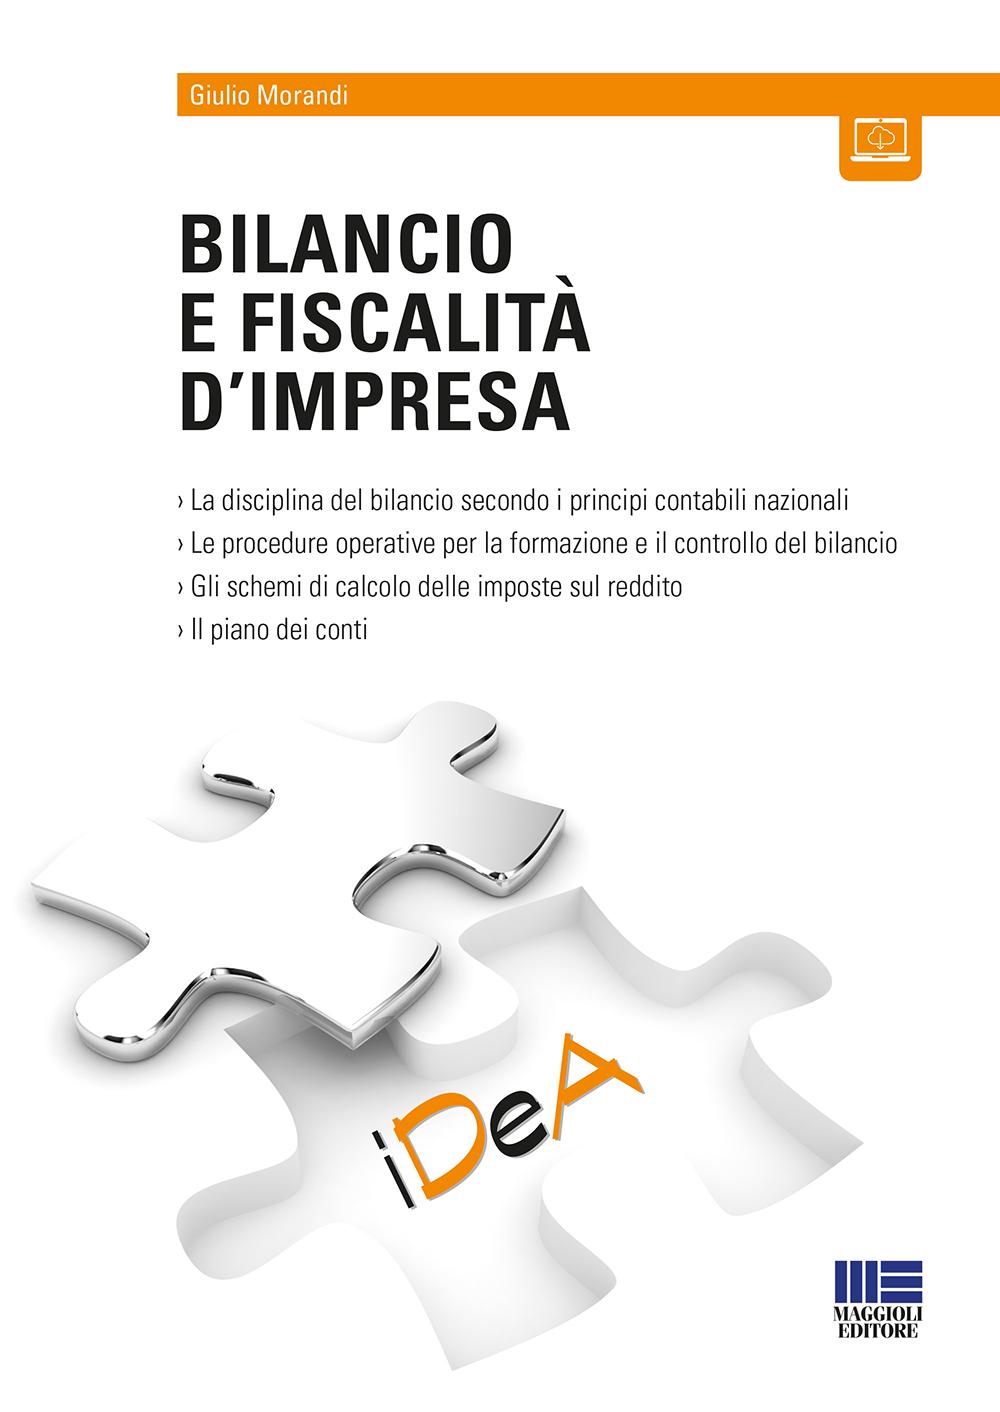 Bilancio e fiscalità d'impresa - Libro carta